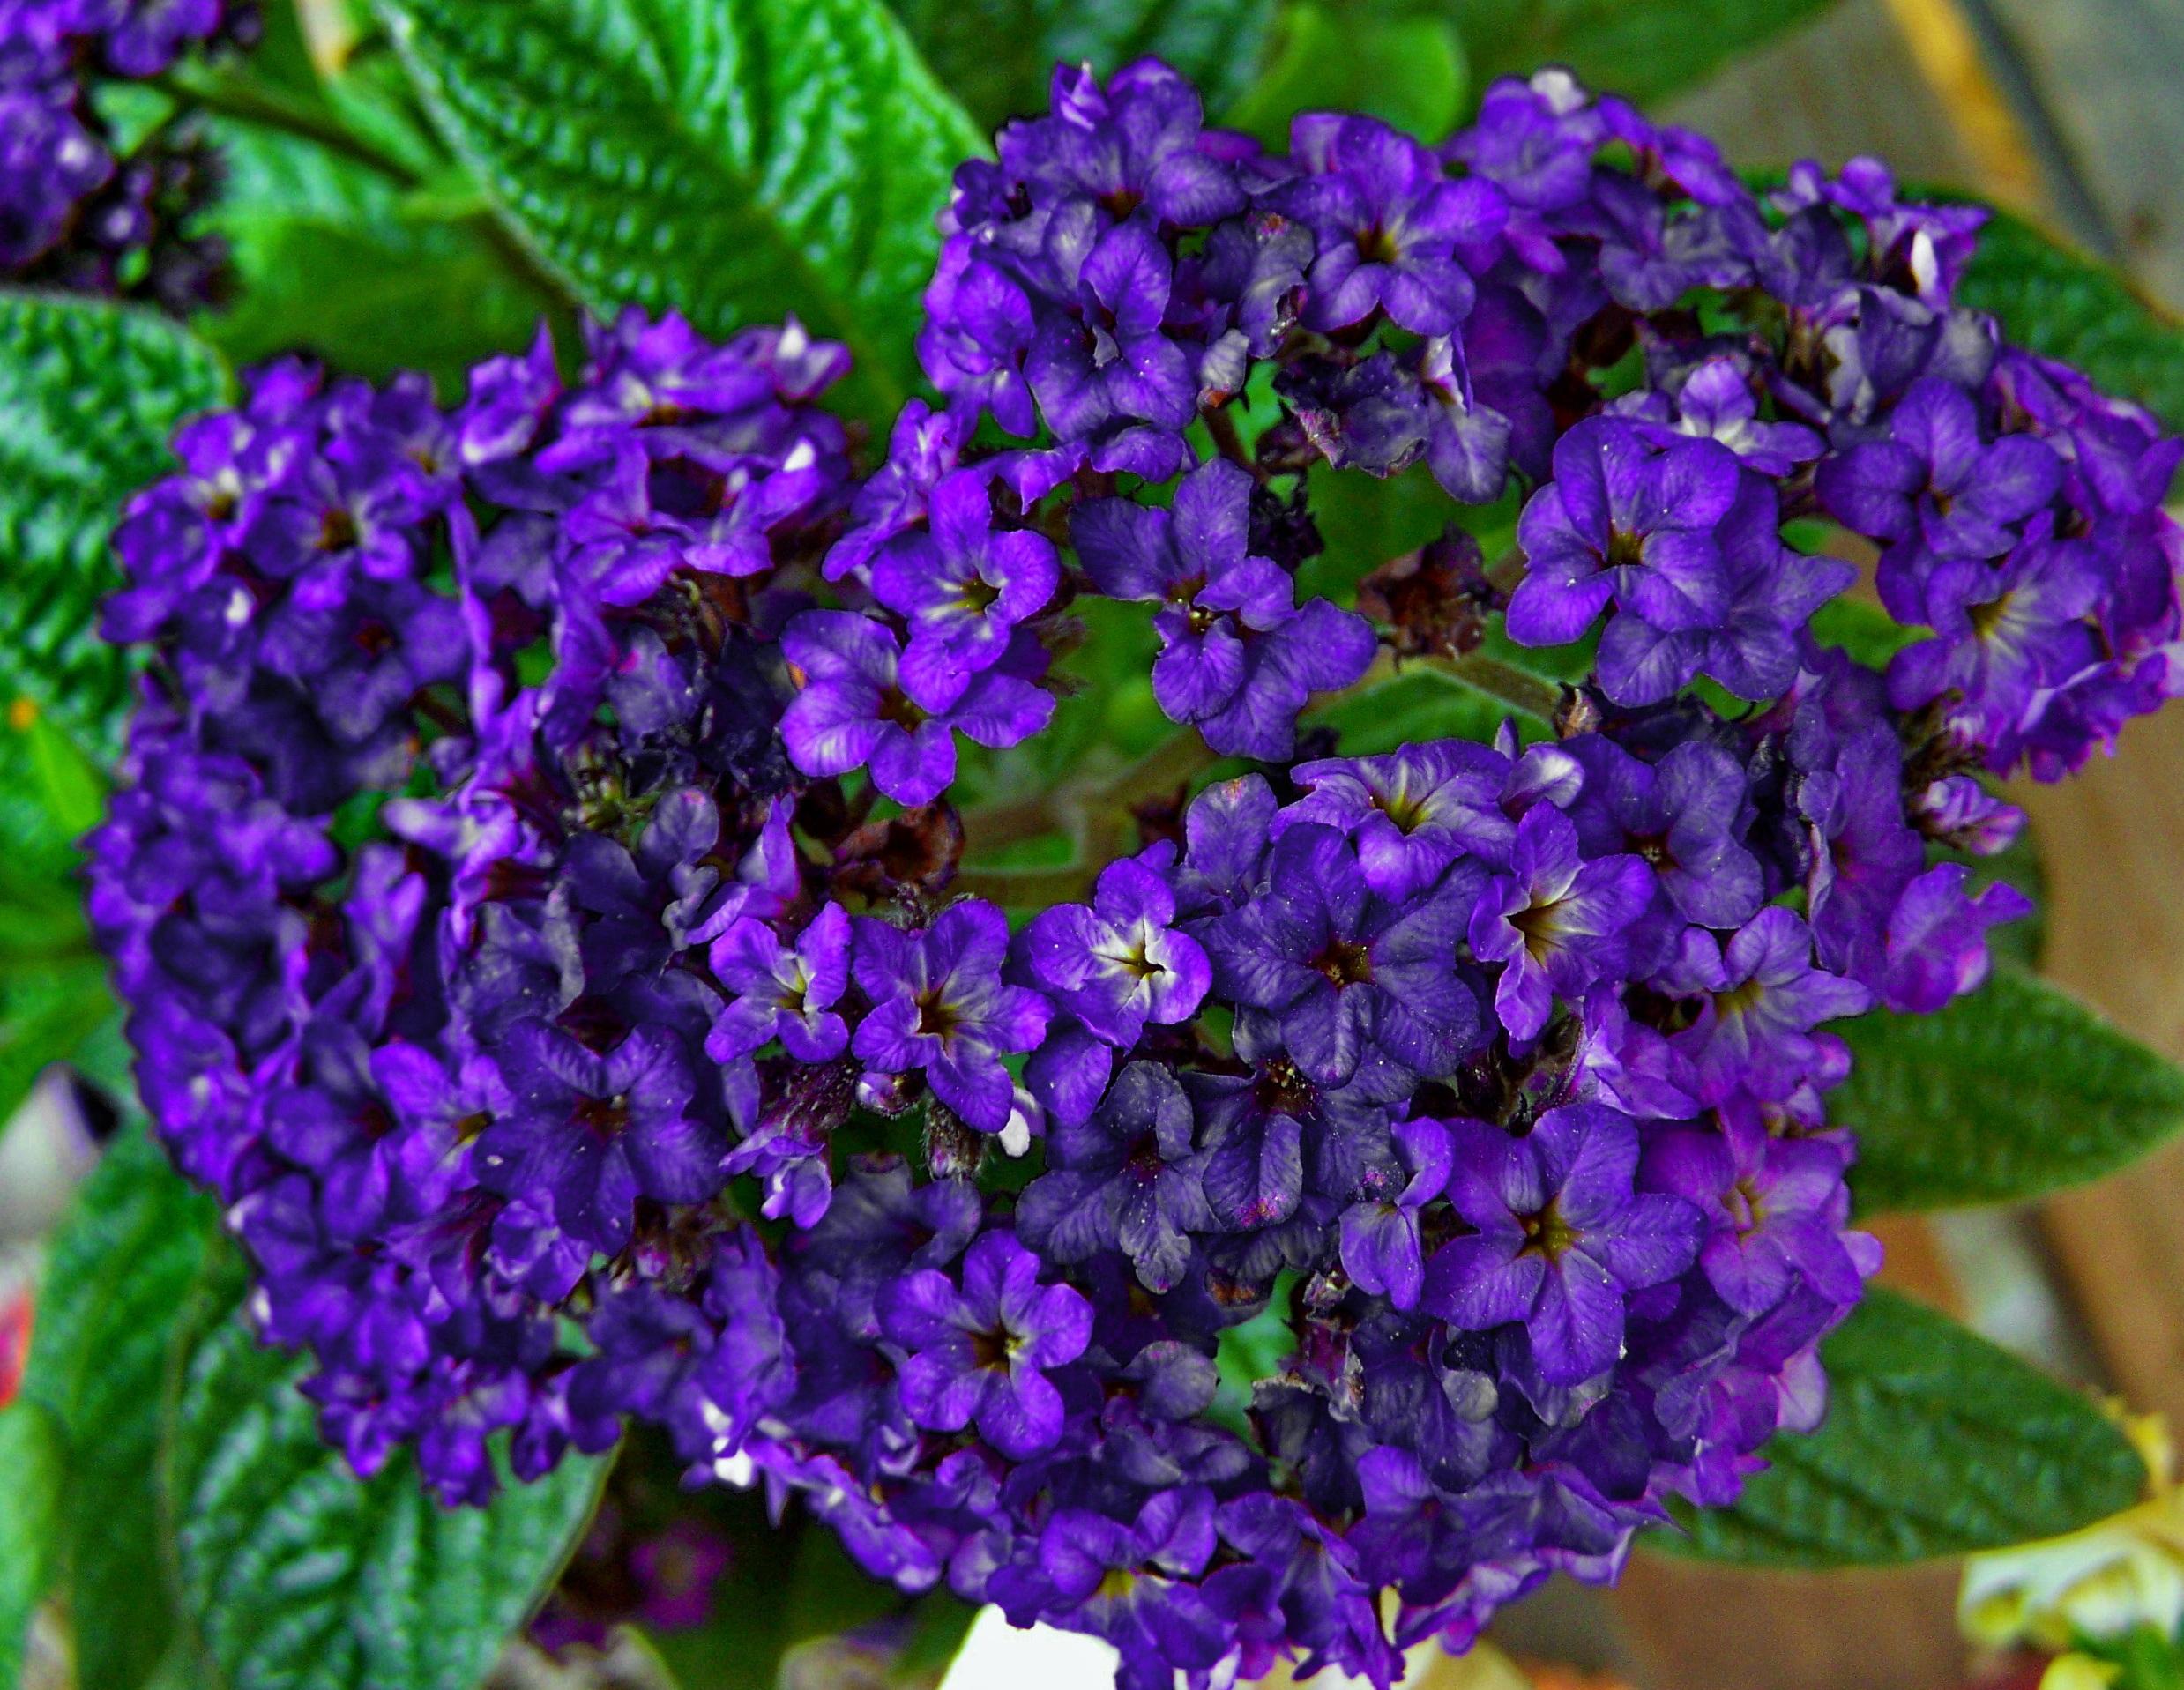 Images Gratuites : printemps, hortensia, fleur bleue, jardin de ...